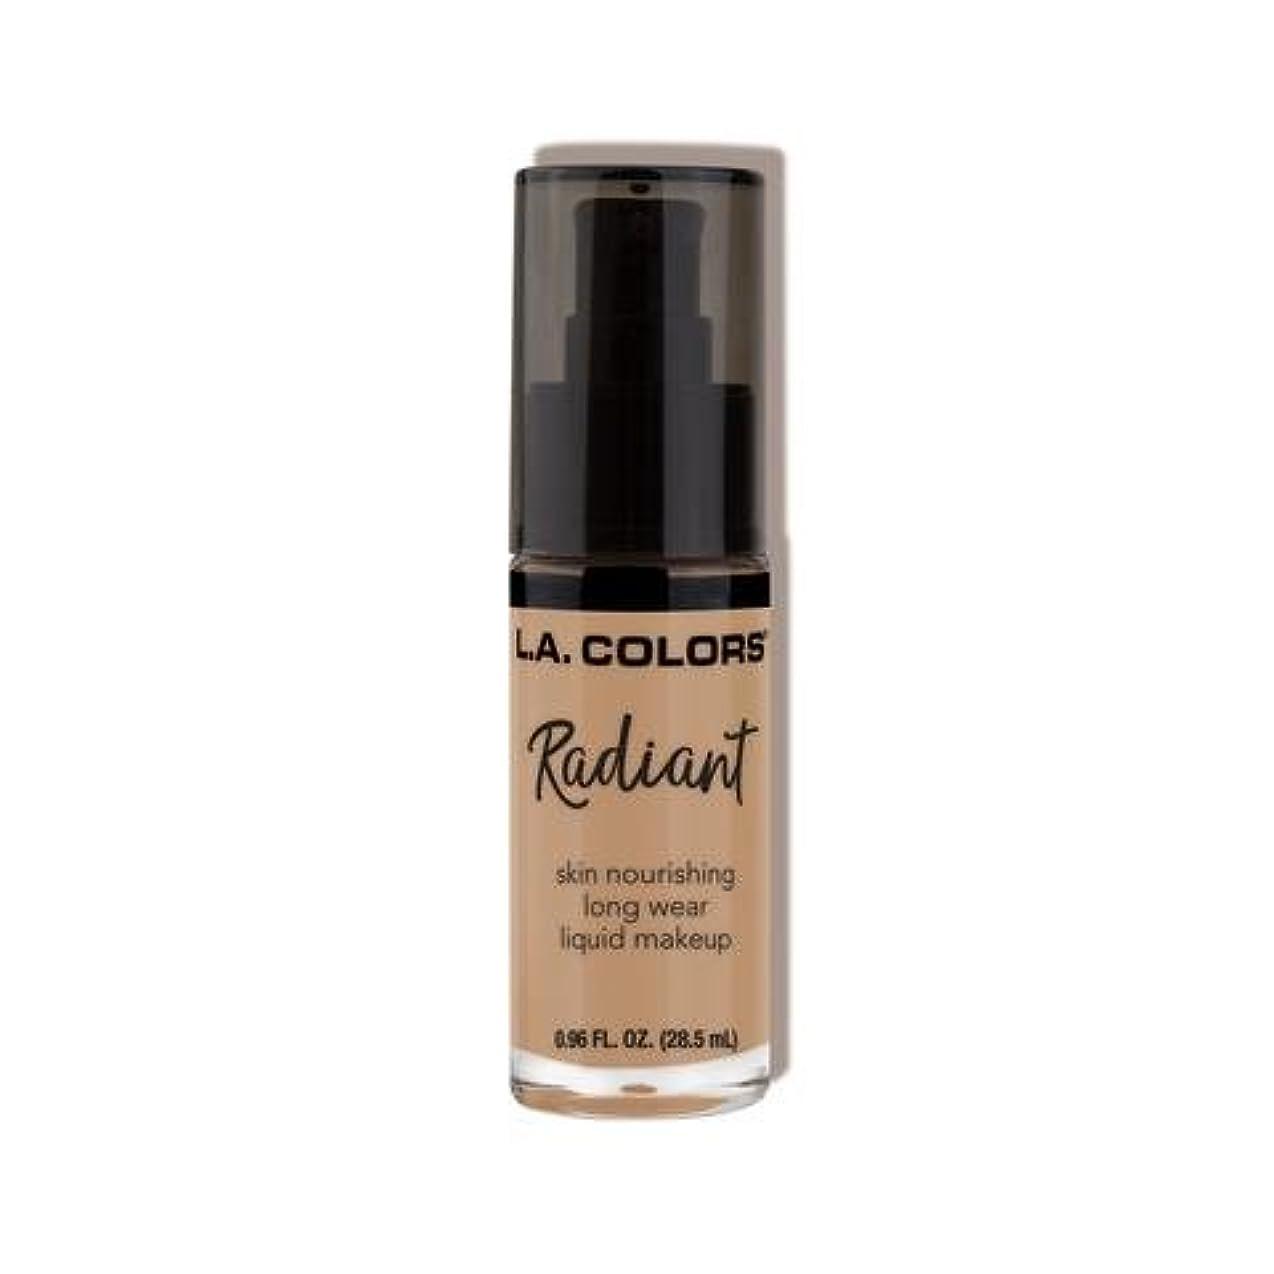 自信がある料理けがをする(6 Pack) L.A. COLORS Radiant Liquid Makeup - Medium Beige (並行輸入品)